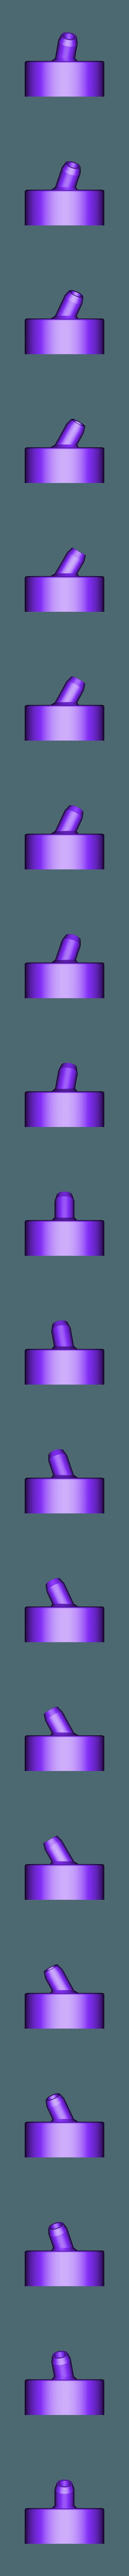 X_6mm_to_Tap_Water.stl Télécharger fichier STL gratuit Moteur pneumatique radial simple • Modèle pour imprimante 3D, Slava_Z